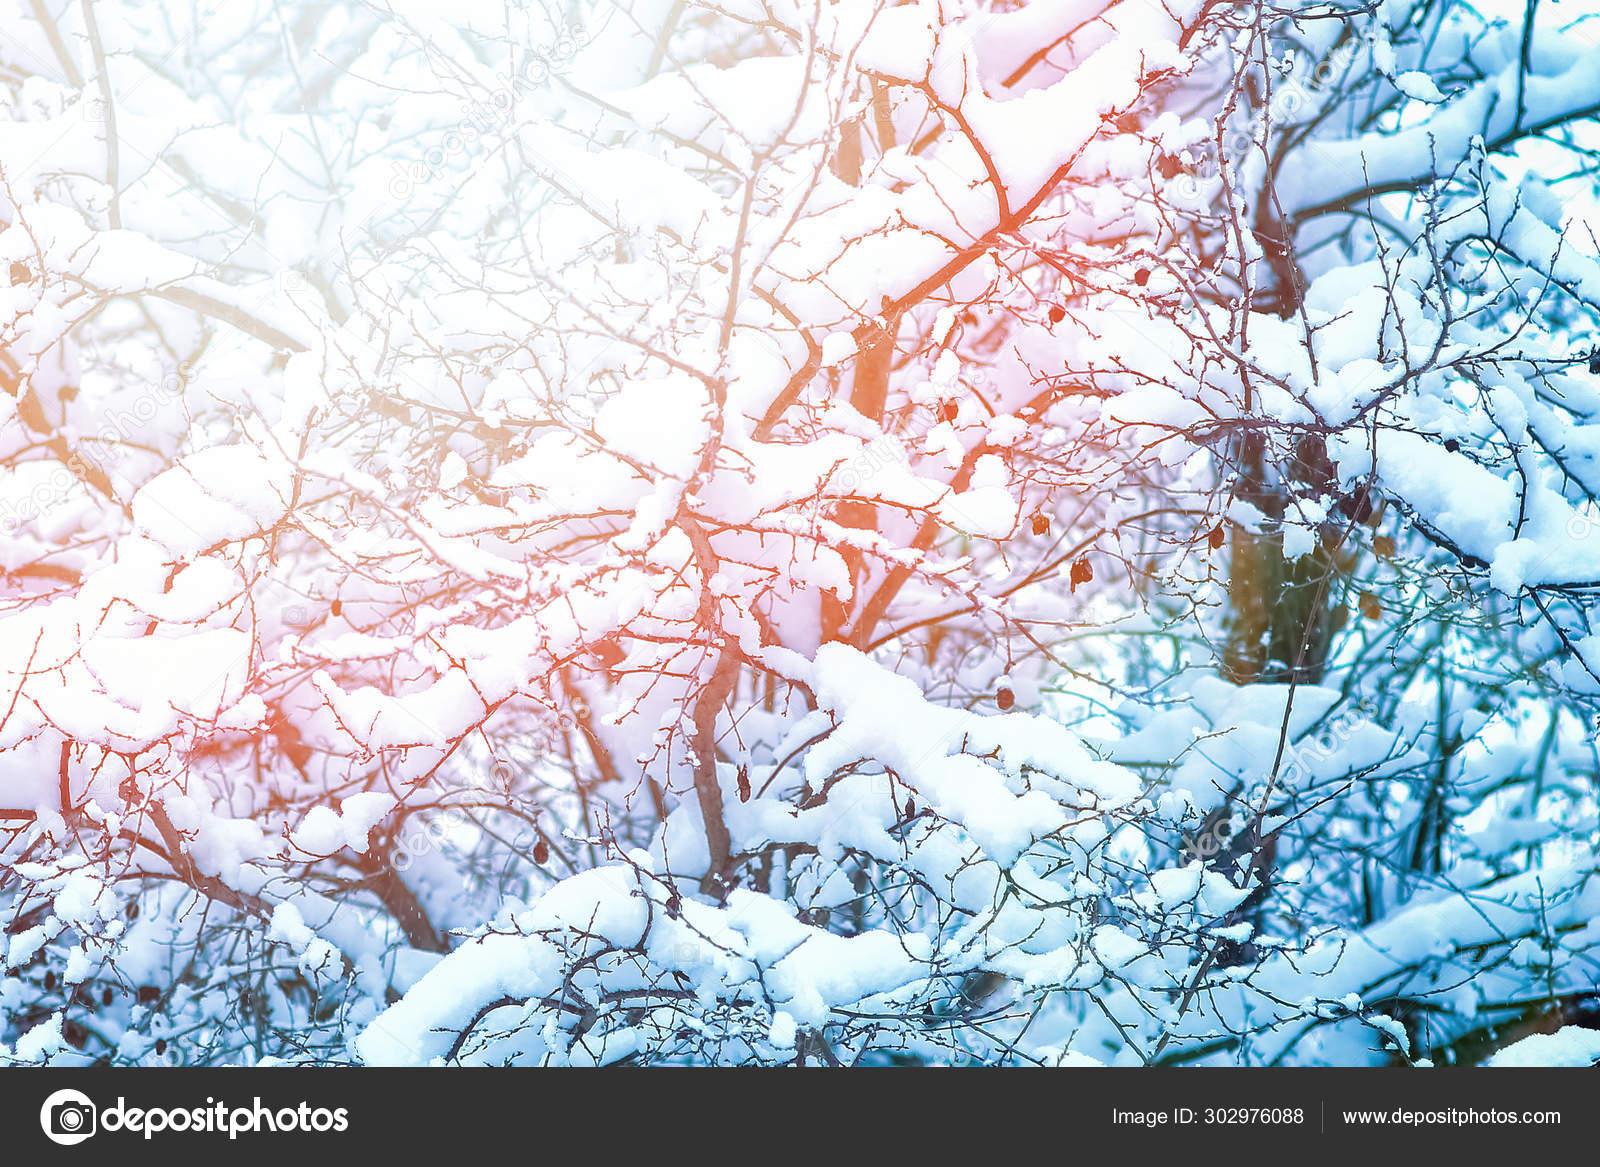 hermosas fotos de invierno naturaleza Hermosos Rboles En Invierno Sobre La Naturaleza En El Fondo